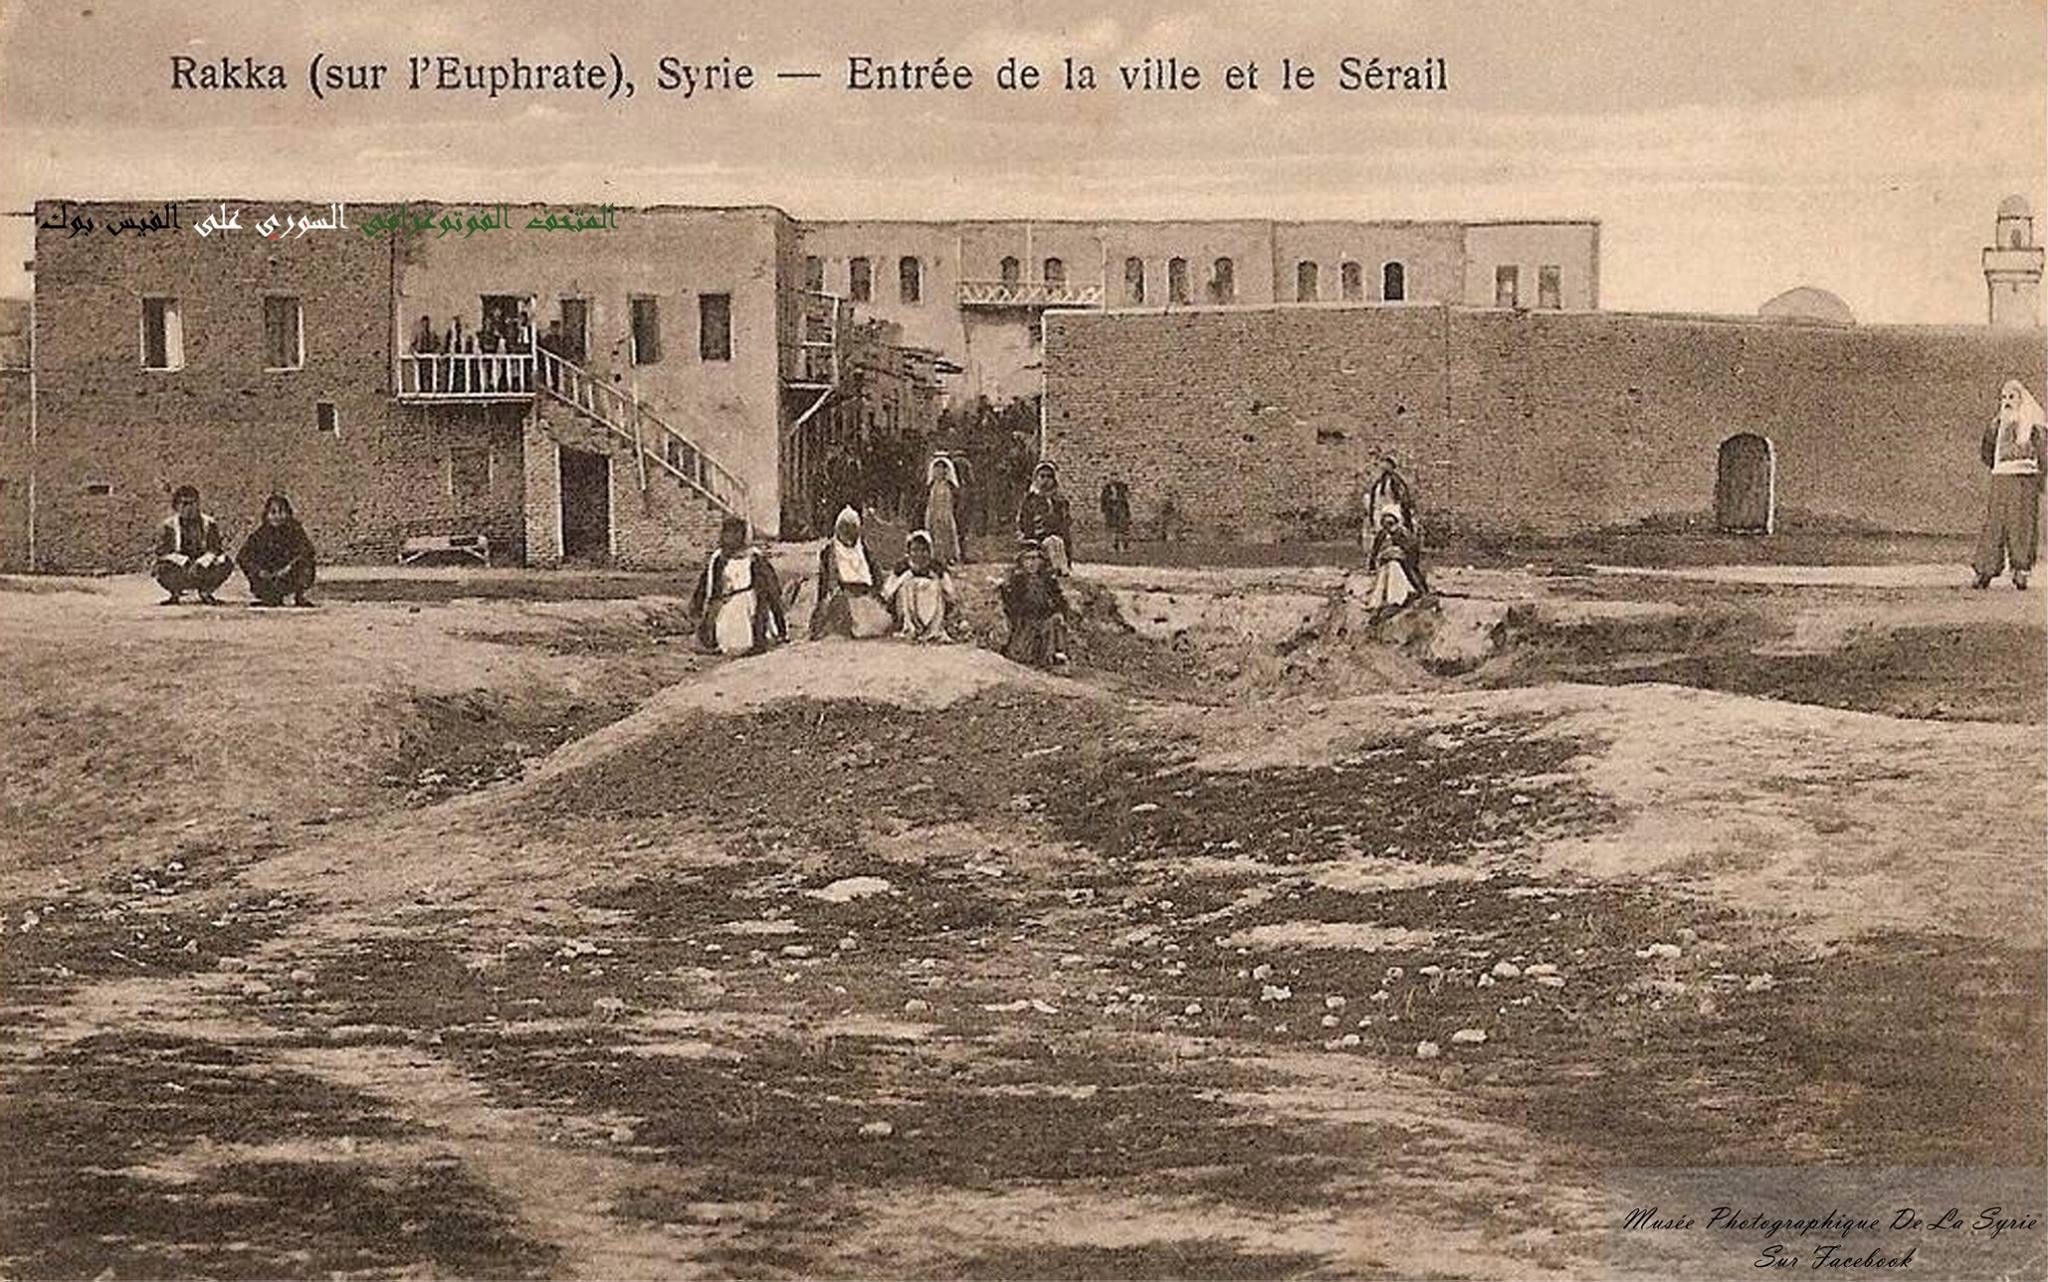 الرقة- مدخل المدينة والسرايا - مطلع القرن العشرين